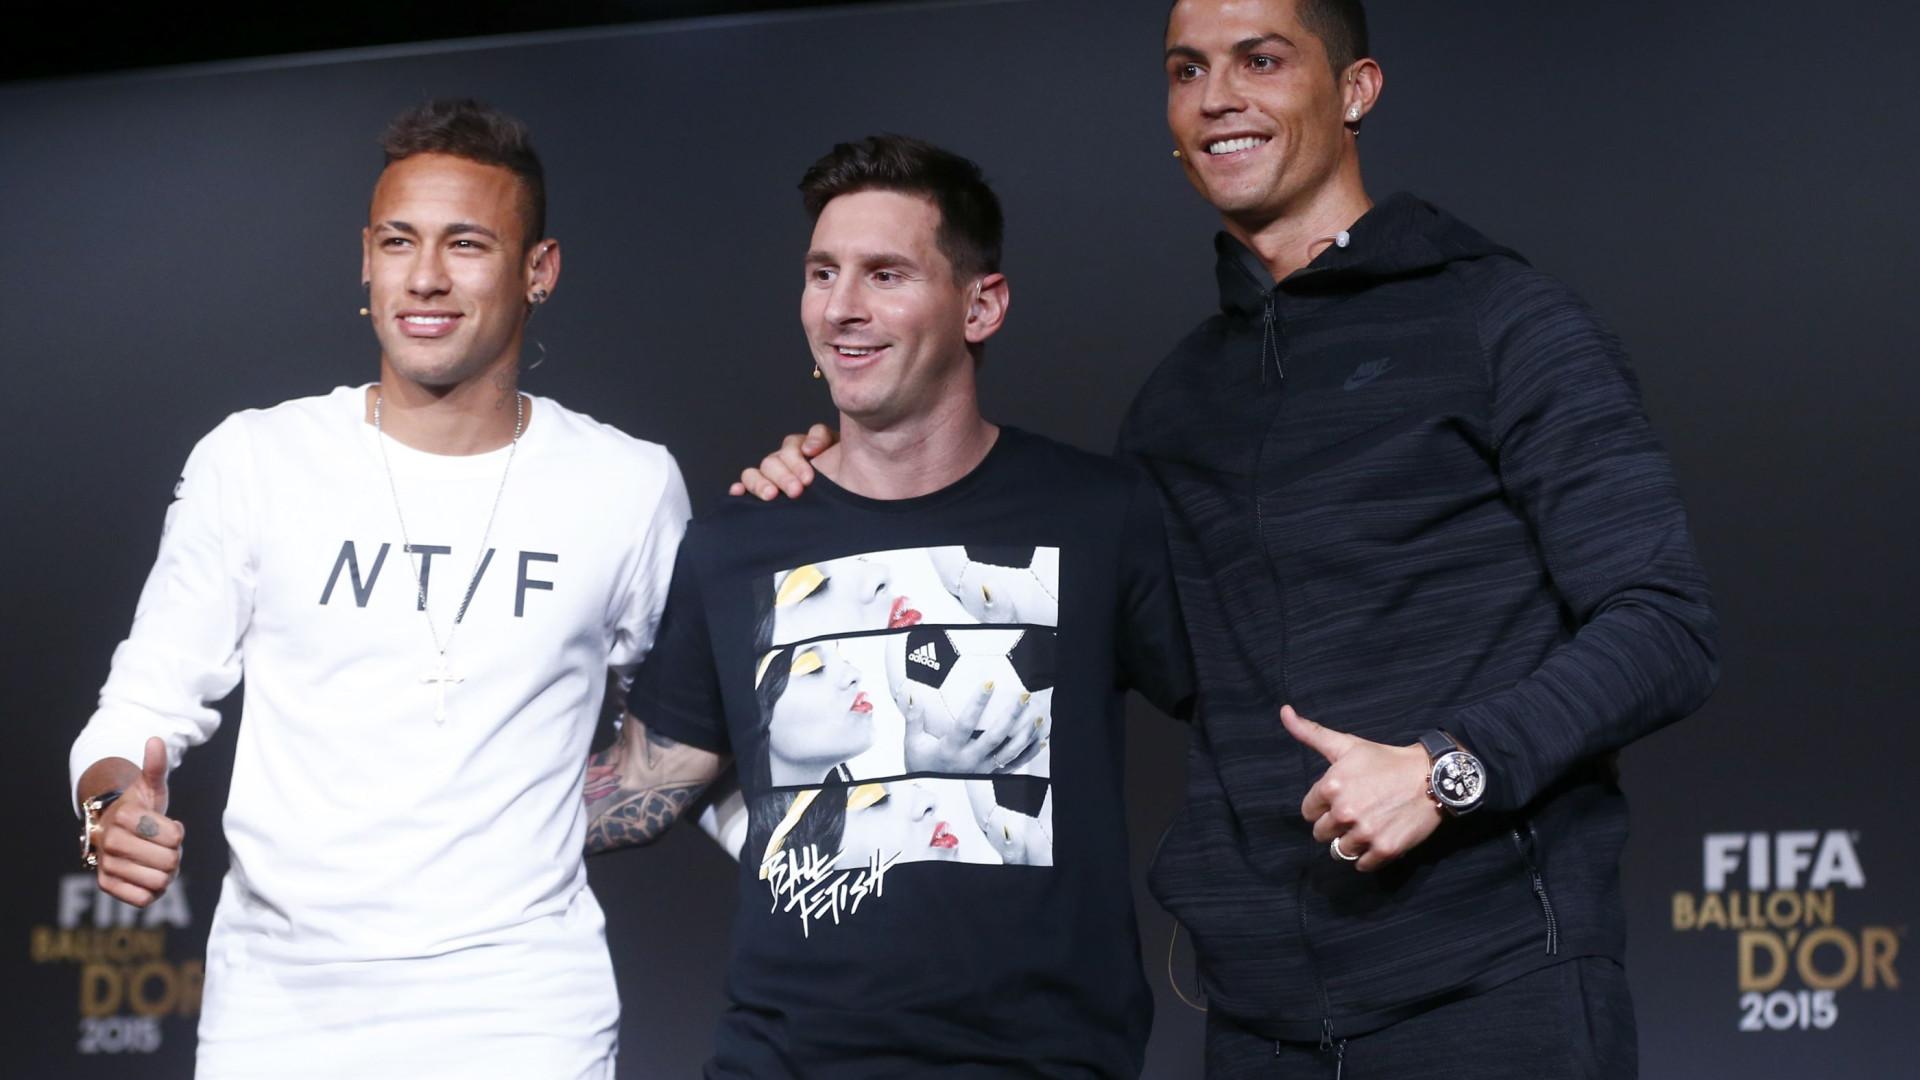 77241d3b45 O Messi é o meu ídolo. O Cristiano Ronaldo é um monstro